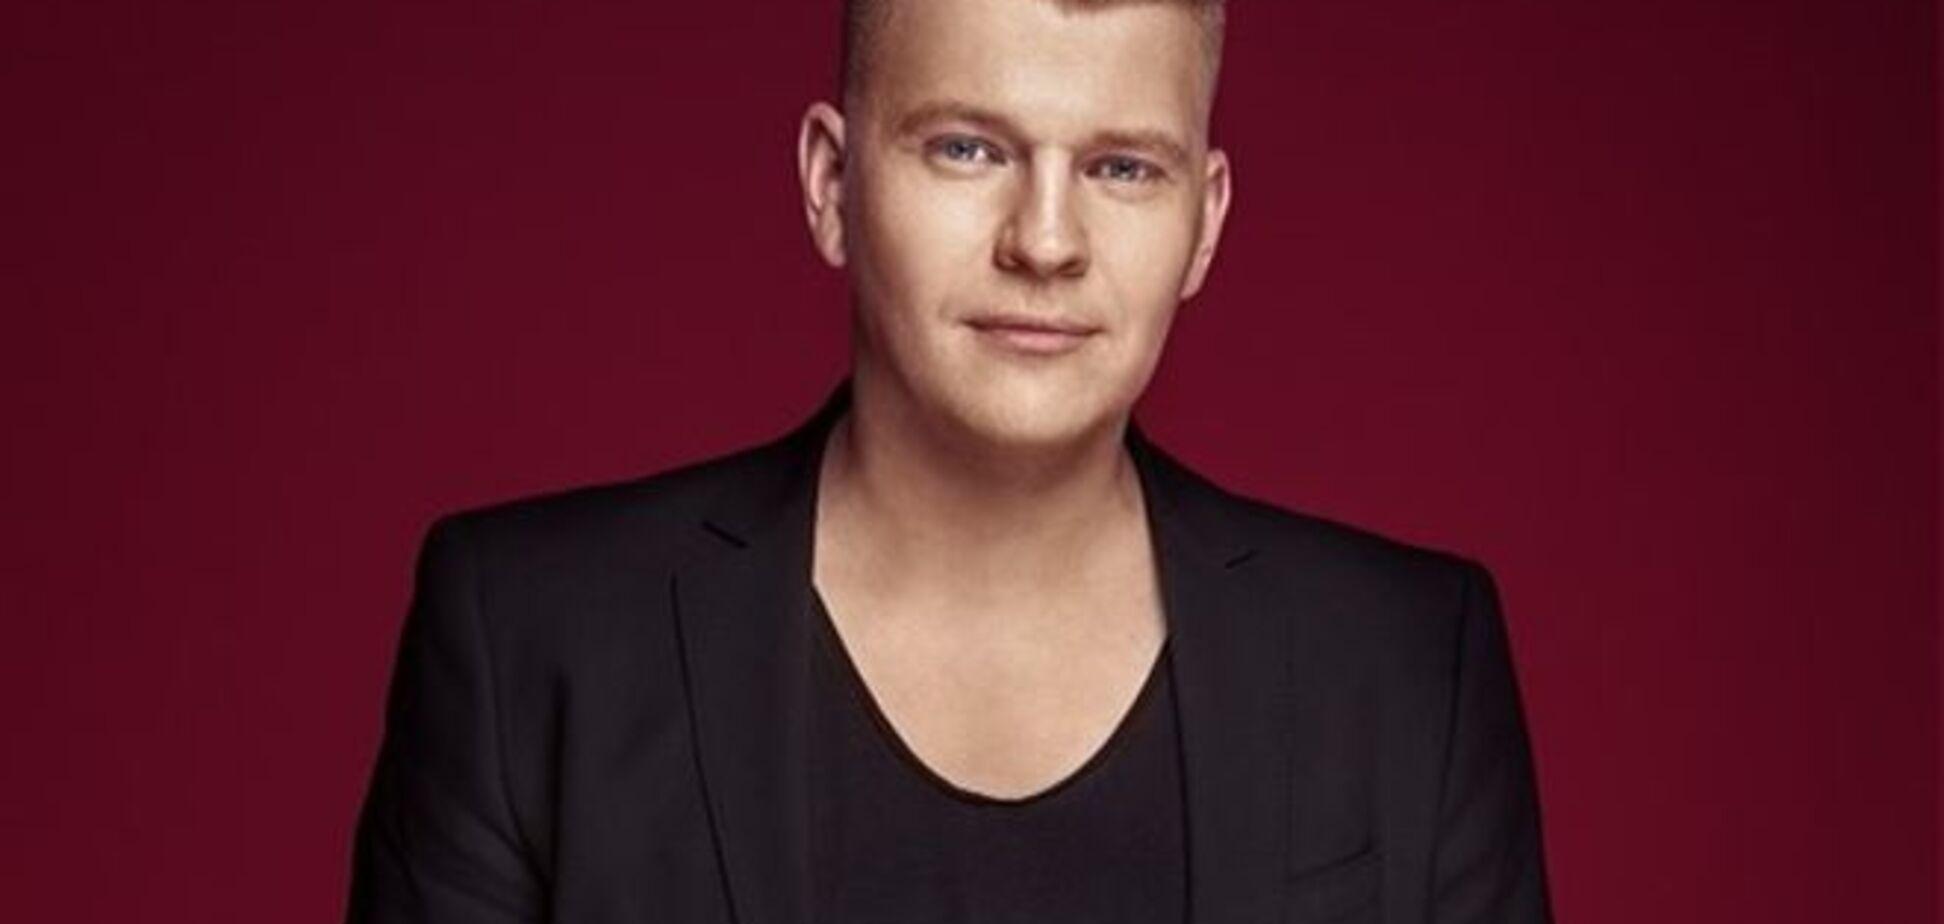 Победитель 'Голосу країни-5' Антон Копытин: Я не увидел в стране за год ни одного позитивного сдвига